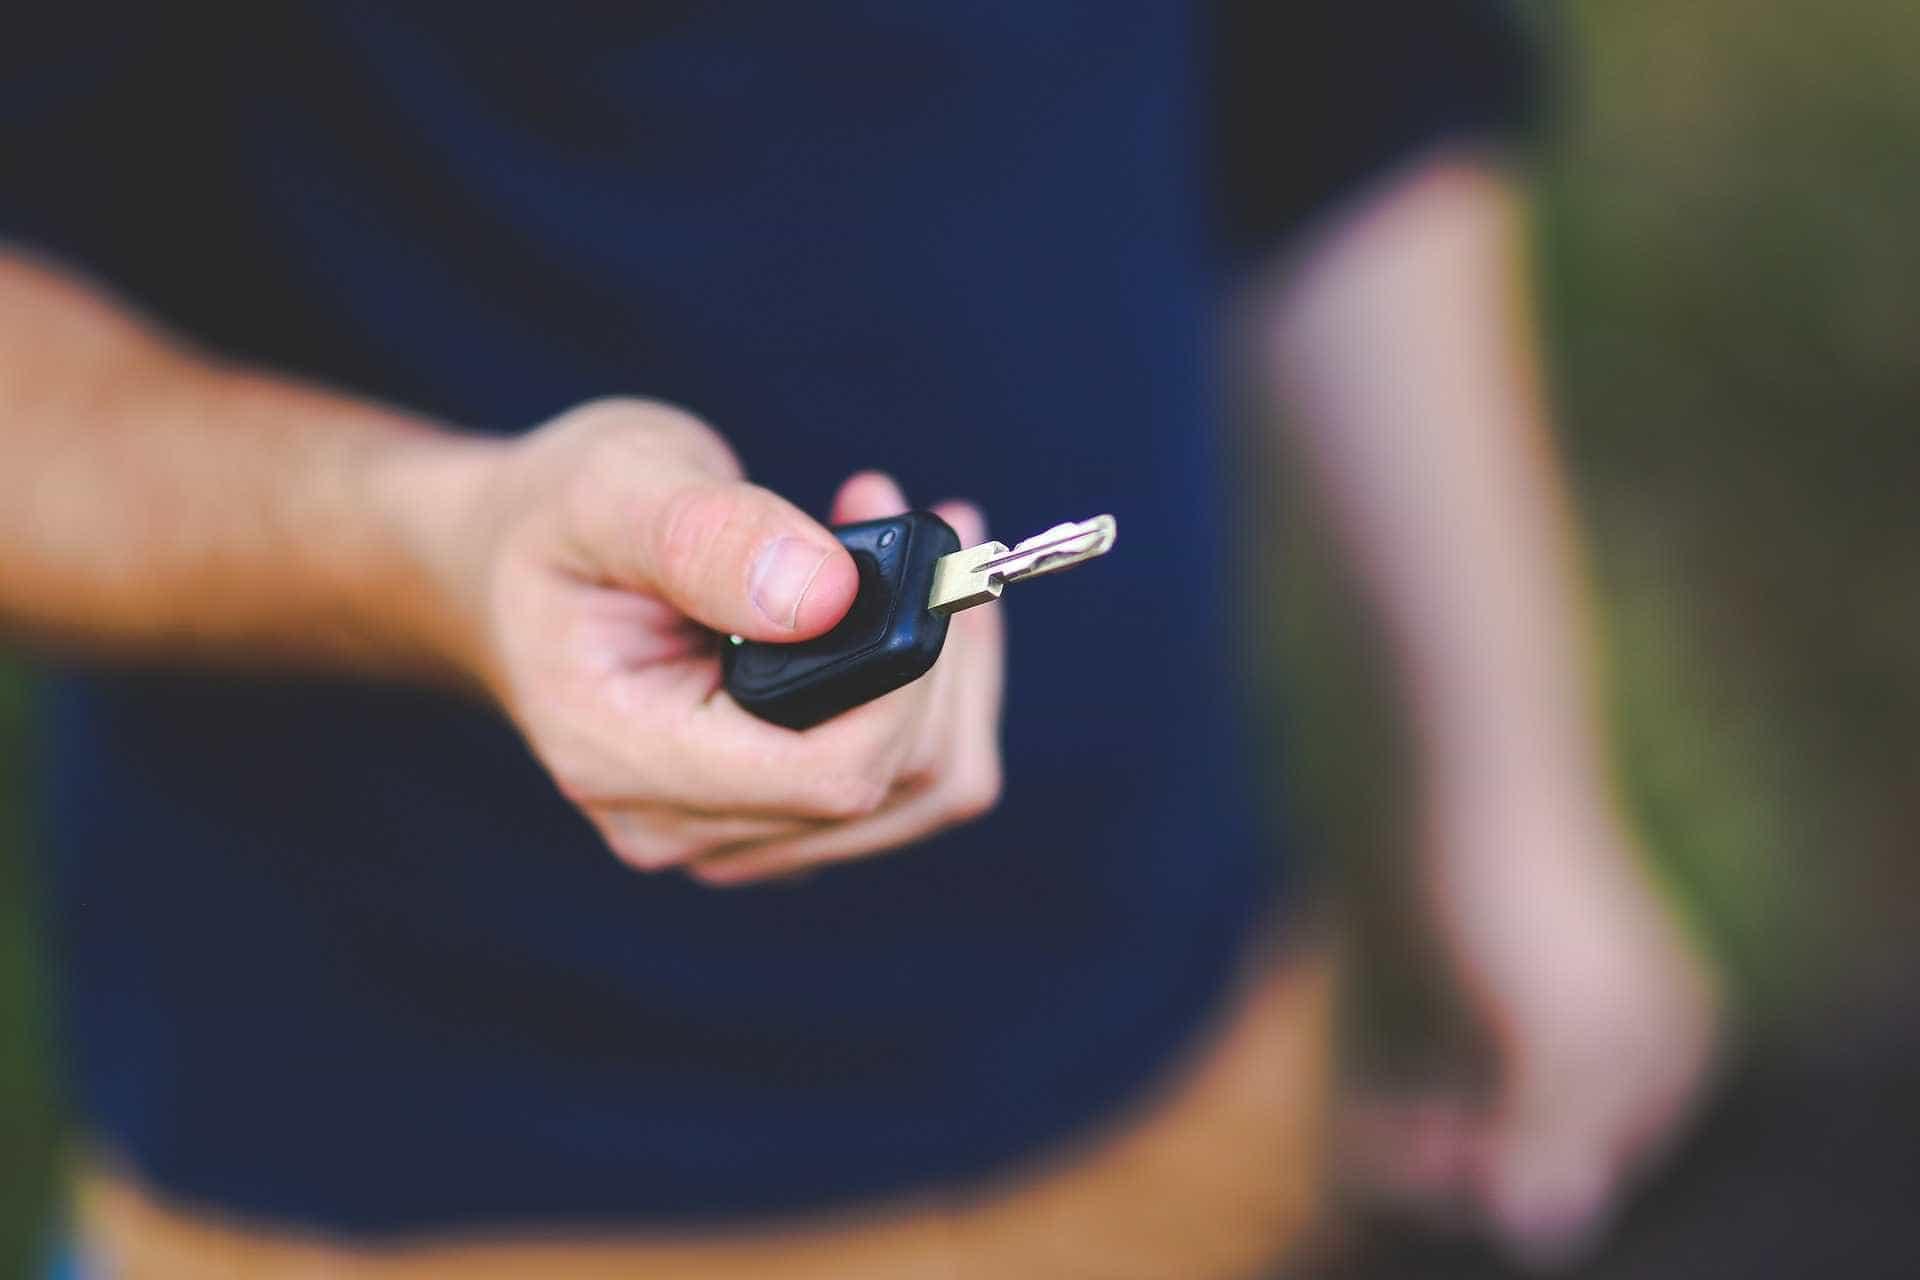 Confira dica simples de especialista para evitar roubo do carro